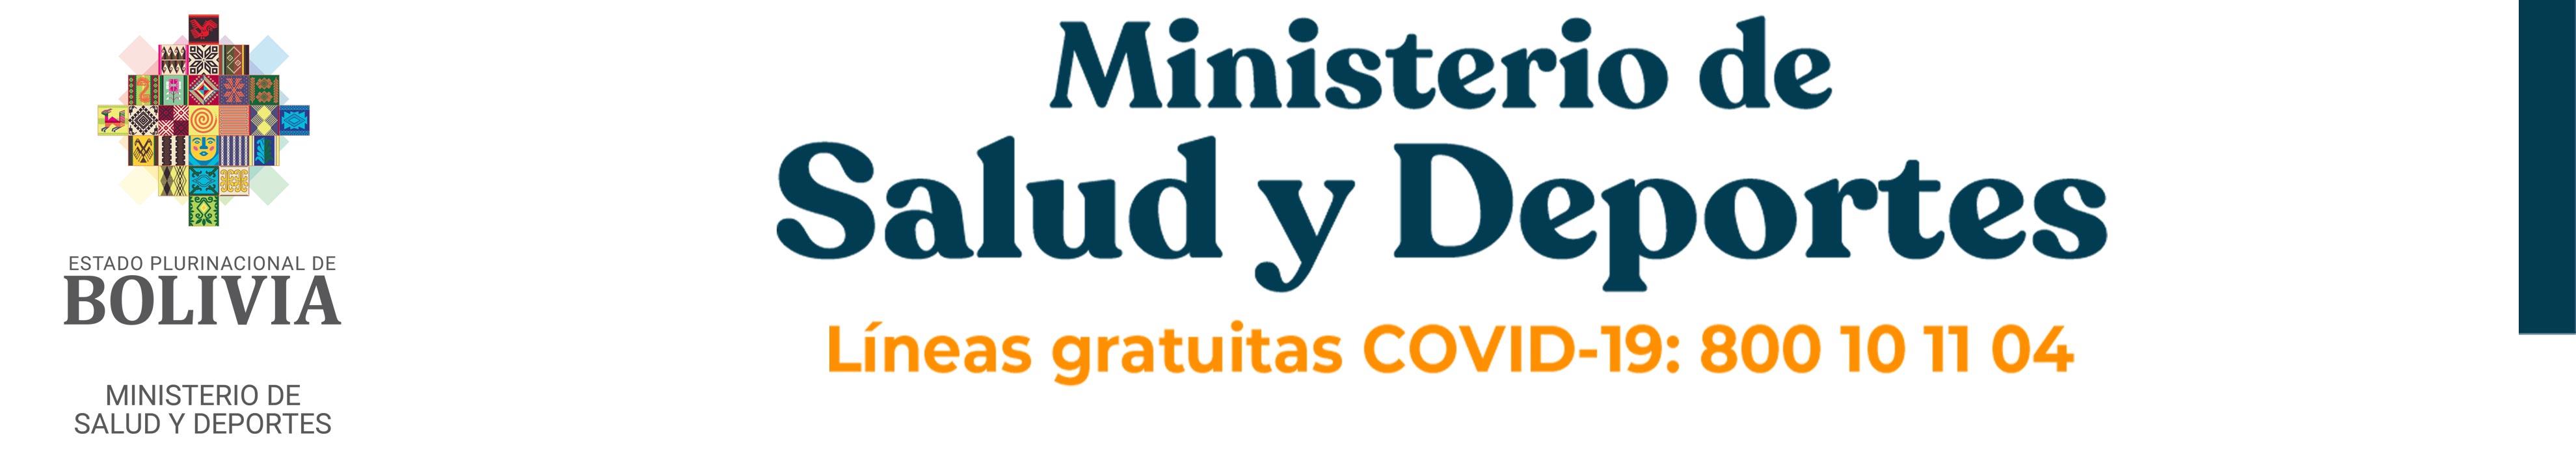 Ministerio de Salud y Deportes de Bolivia